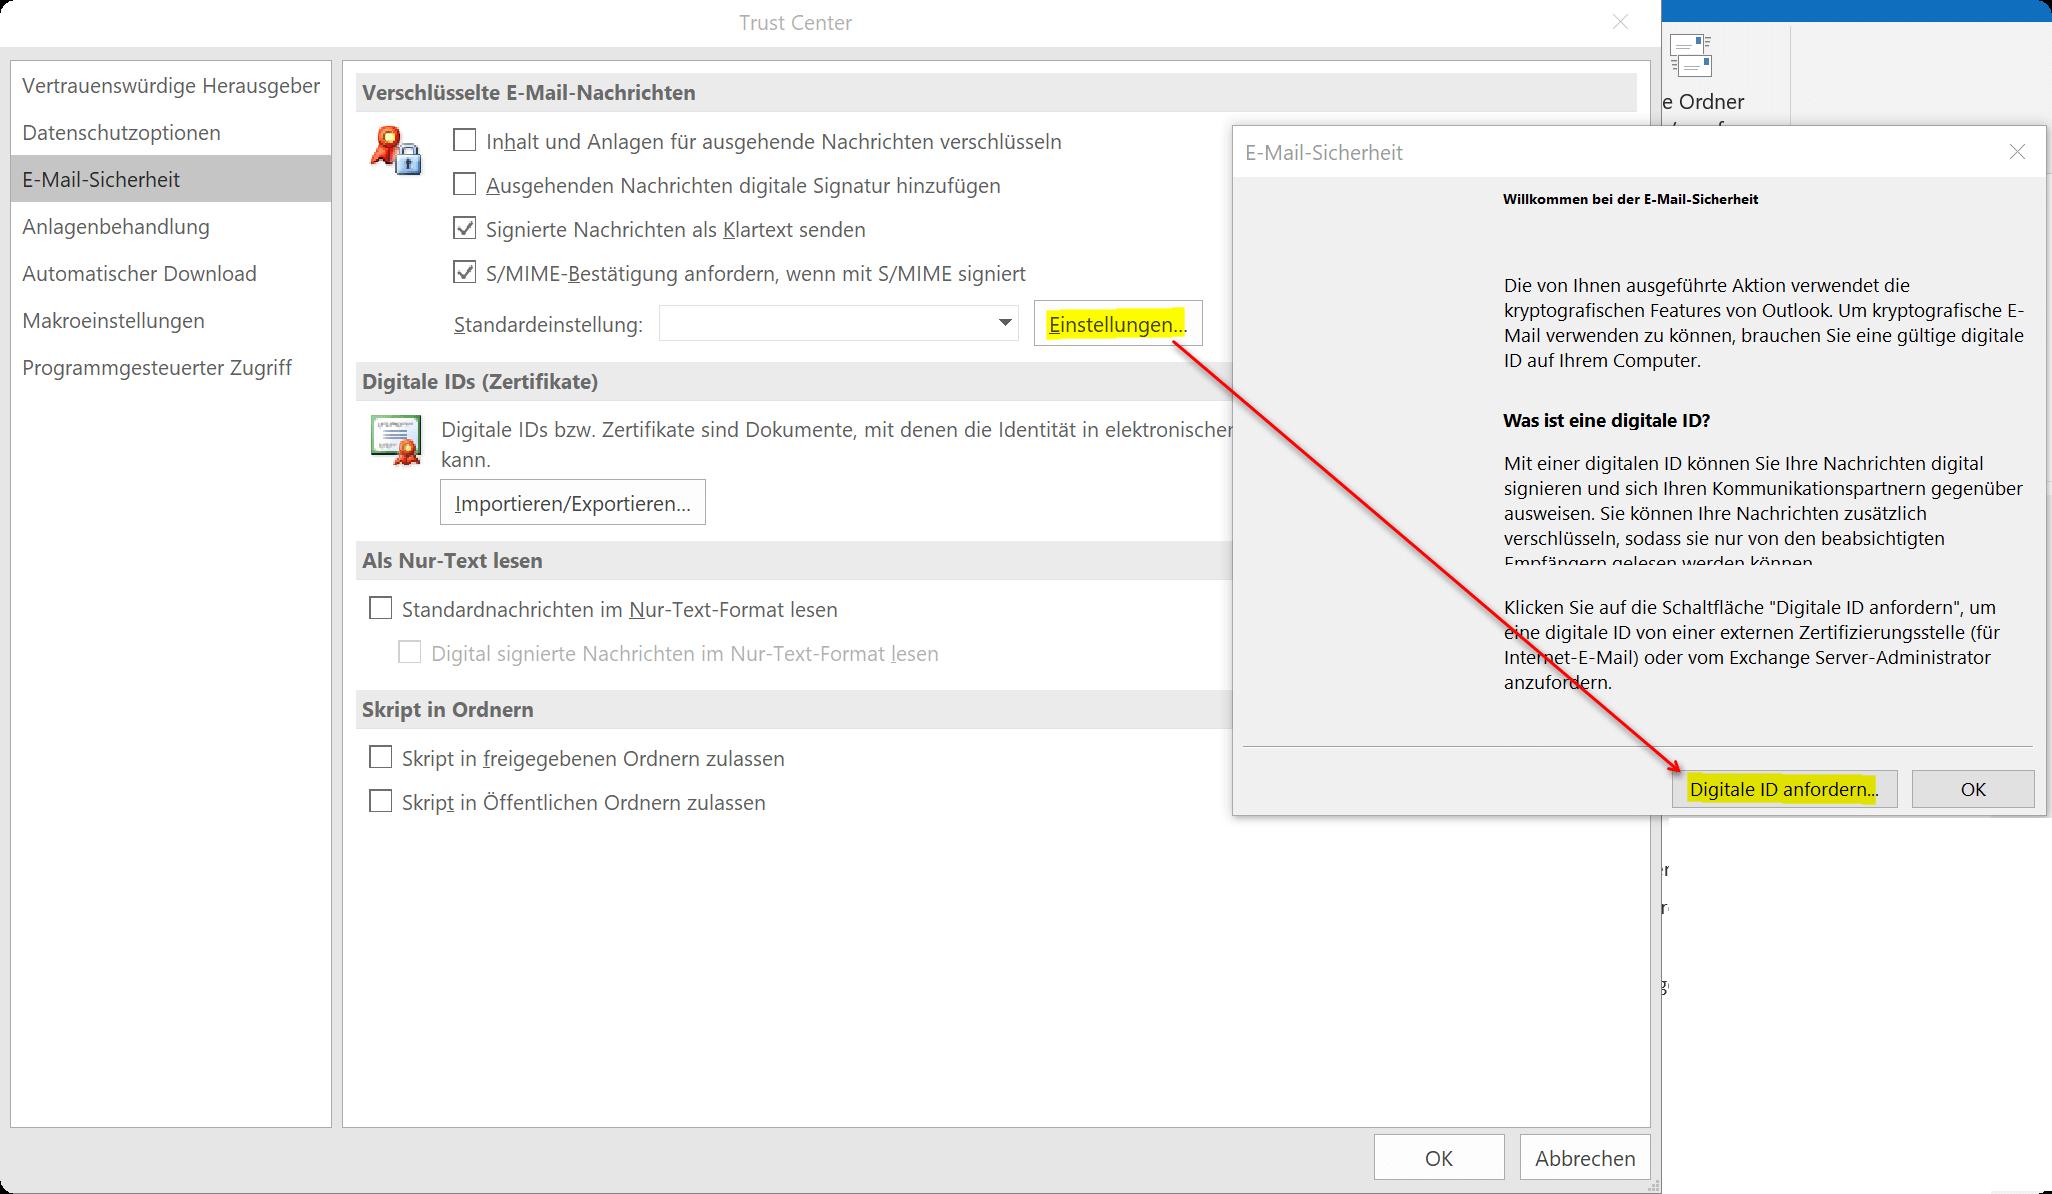 Digitale ID in Outlook anfordern